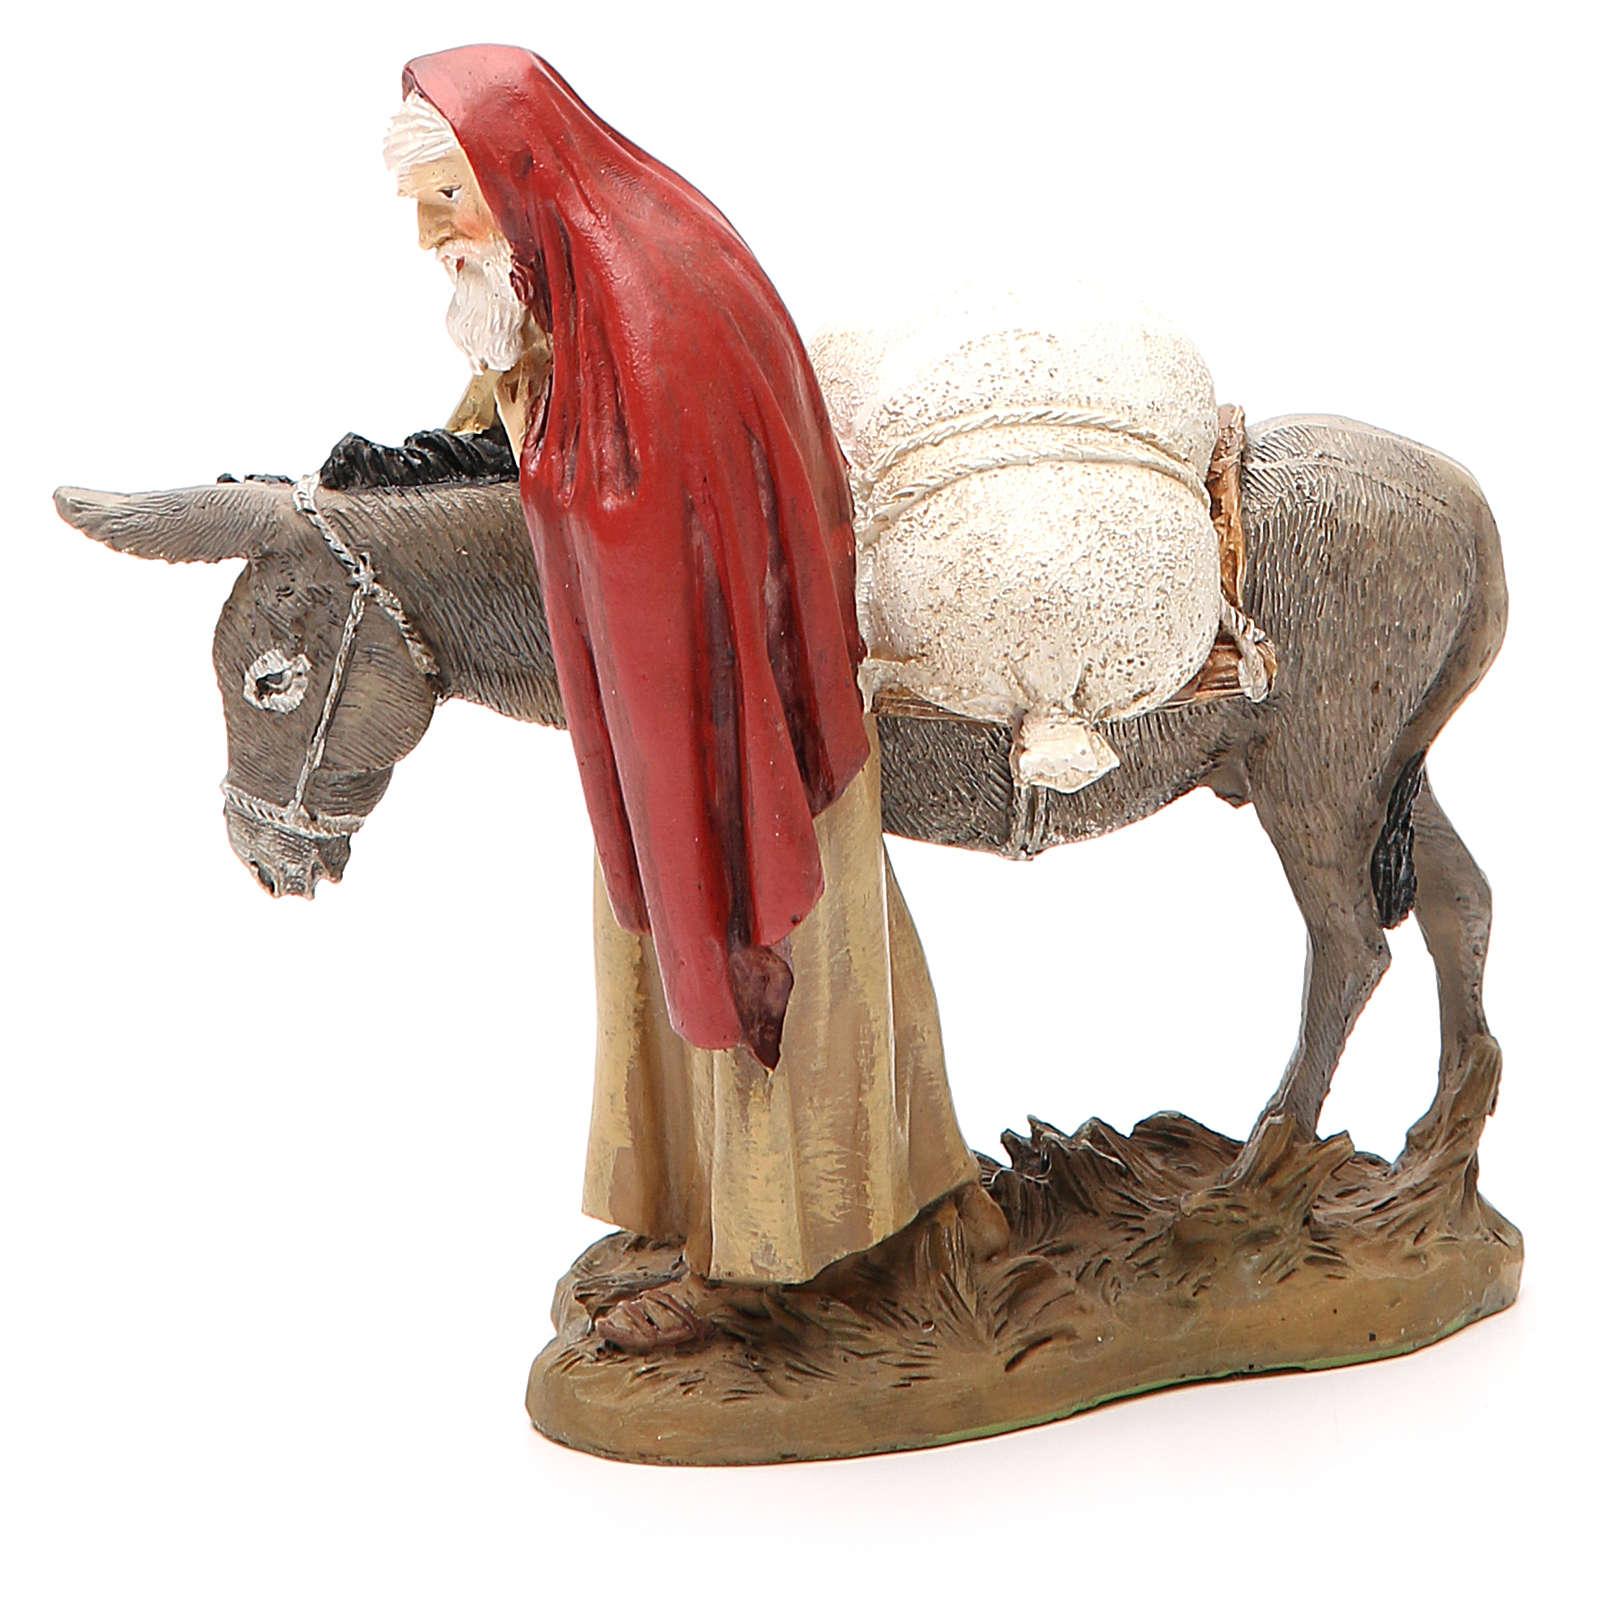 Nativity scene statue wayfarer with donkey in resin hand painted 12 cm Martino Landi brand 3